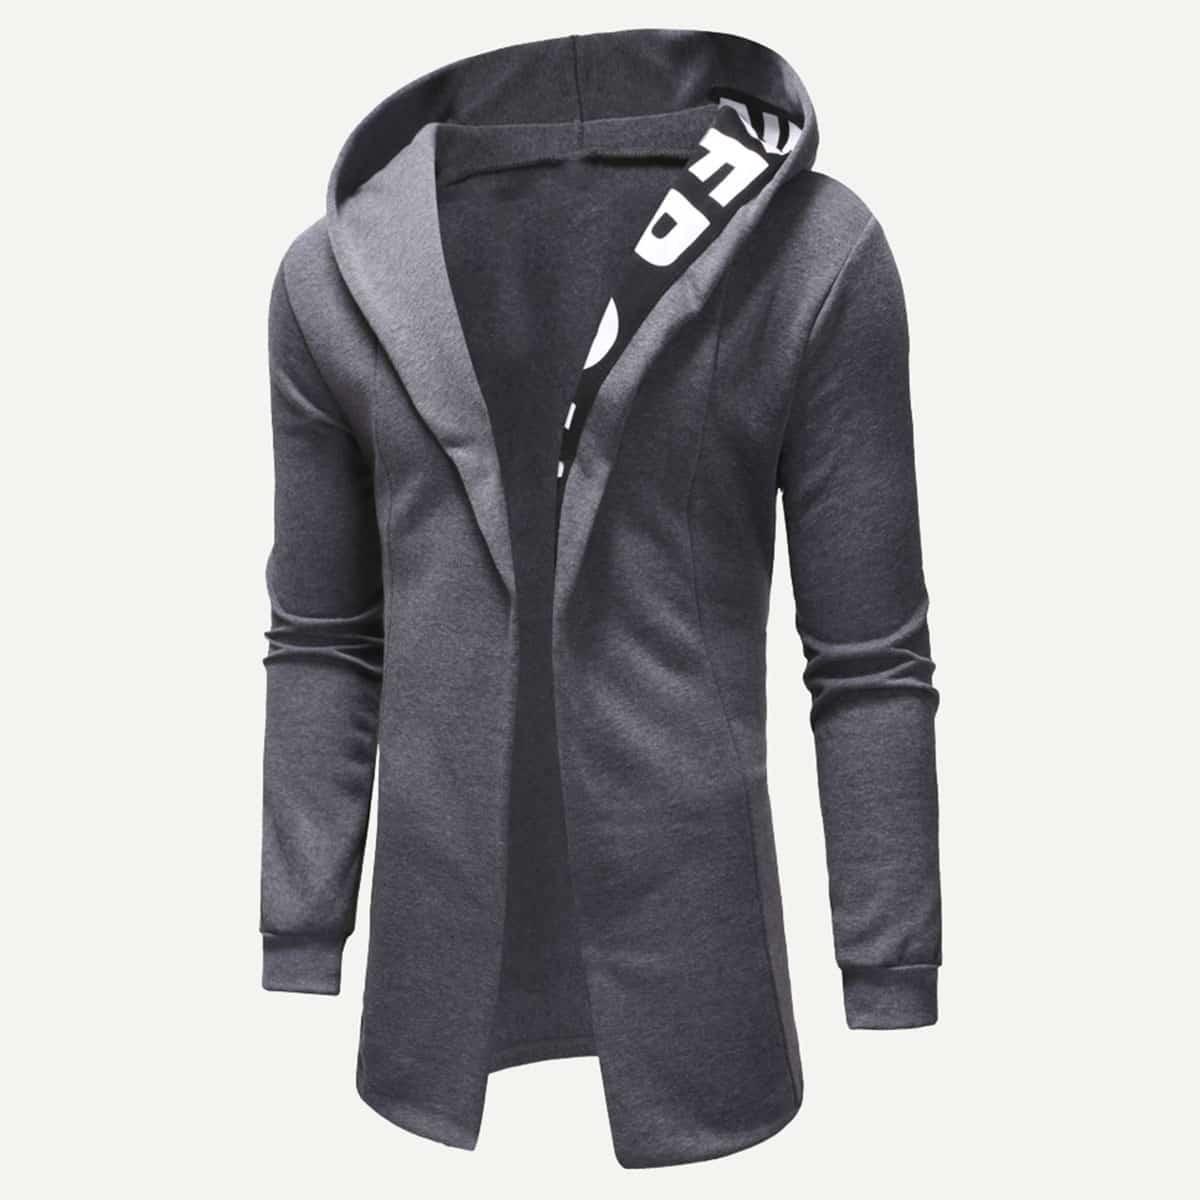 Grijs Casual Tekst Sweatshirts voor heren